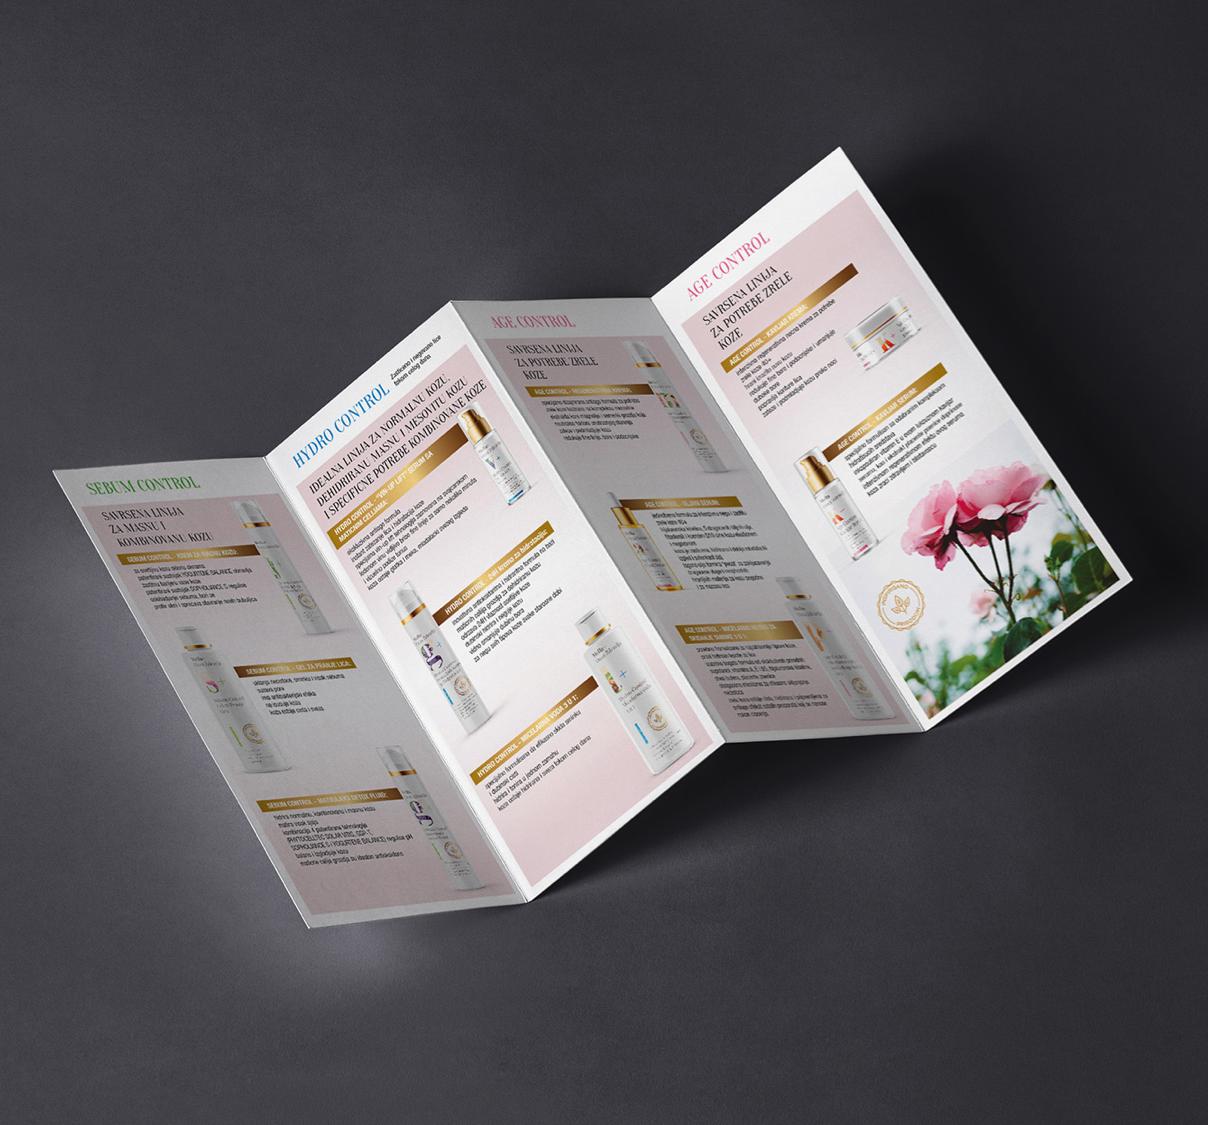 Mella Cosmetics Brochure 2